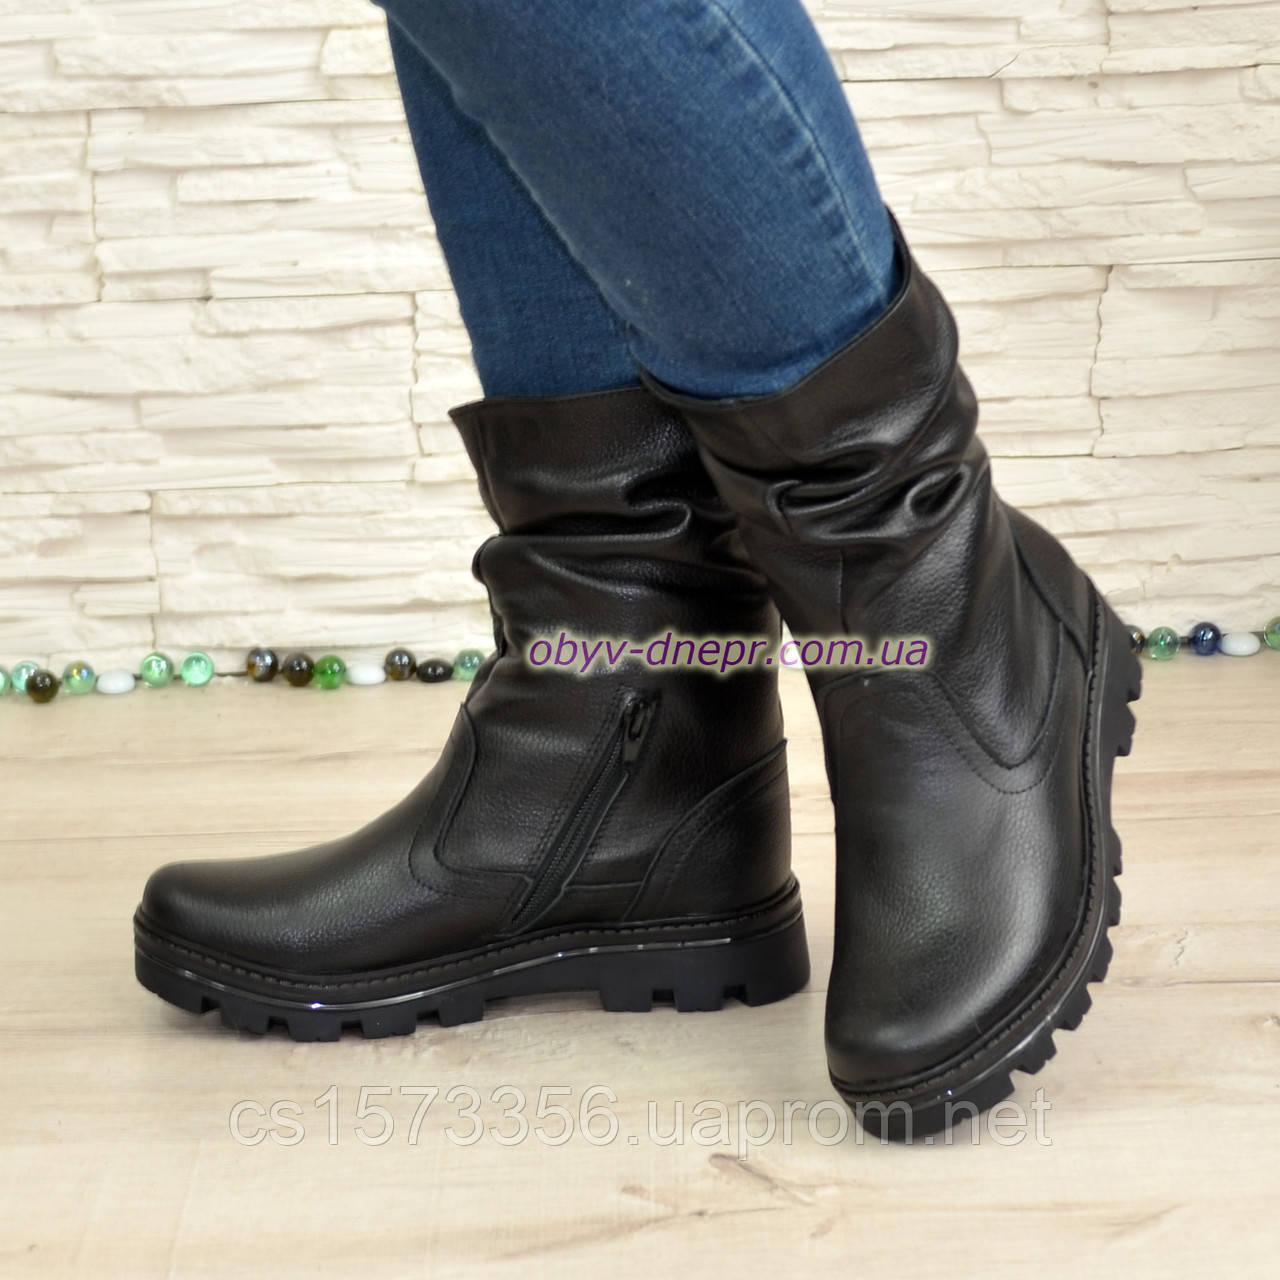 Женские кожаные демисезонные ботинки на тракторной подошве